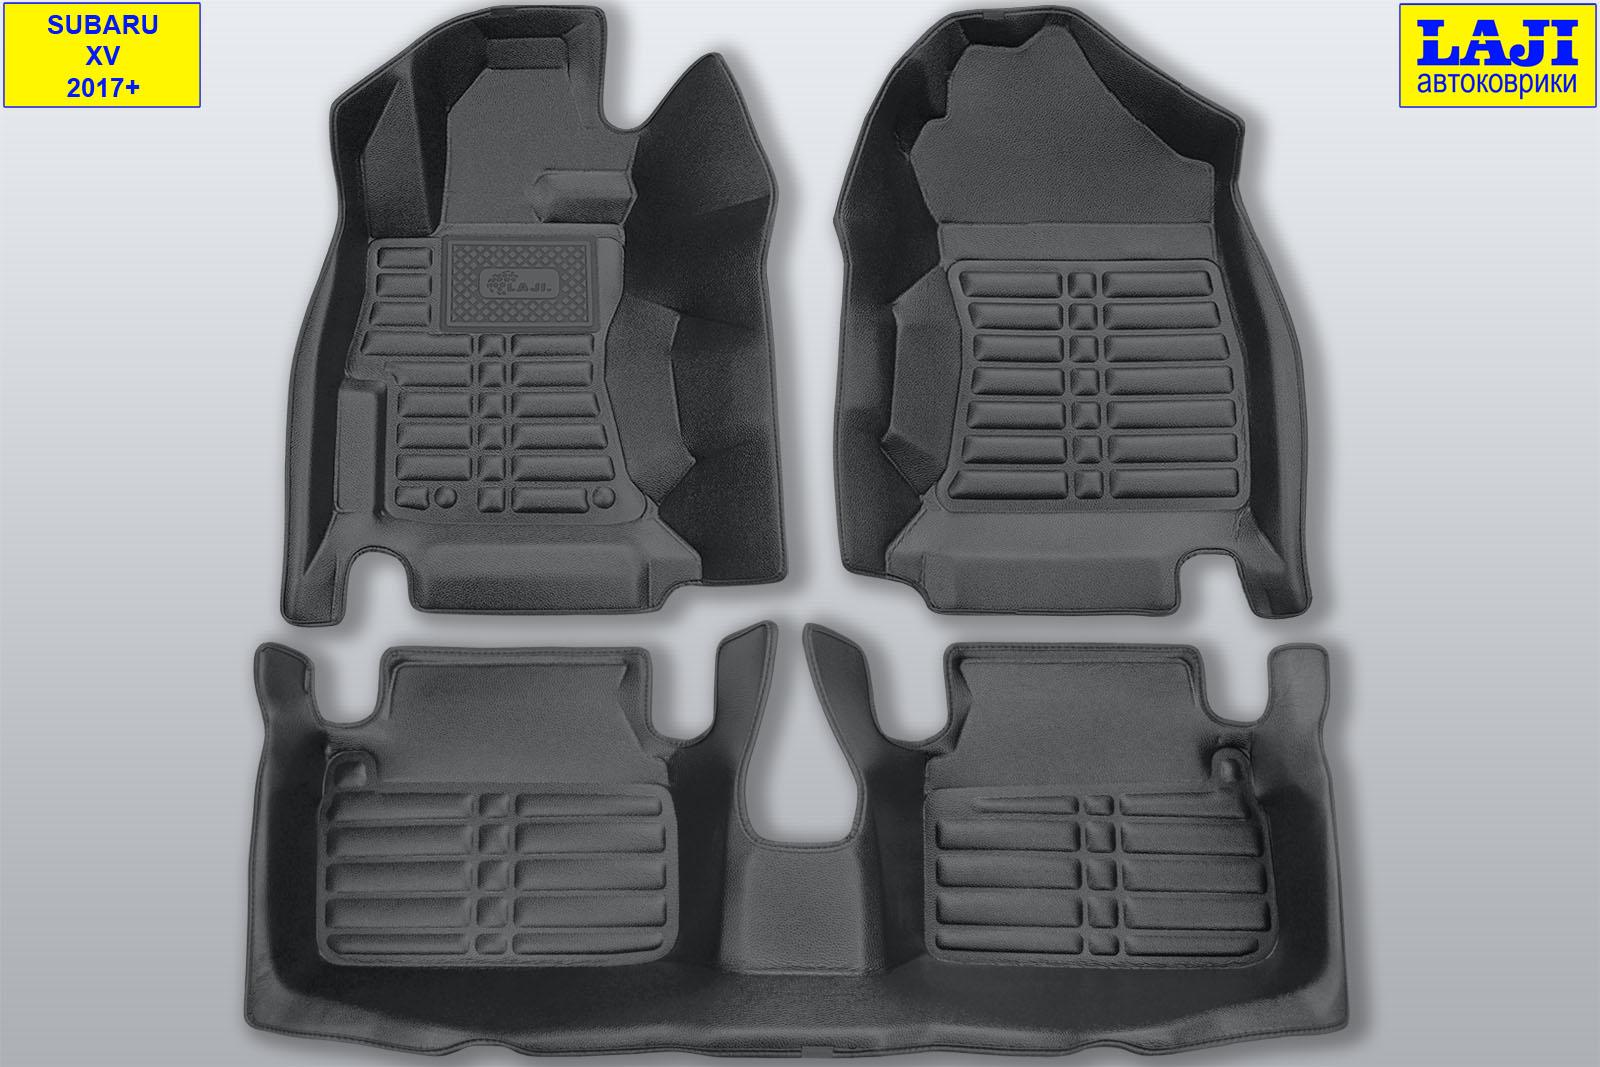 5D коврики в салон Subaru XV 2017-н.в. 1